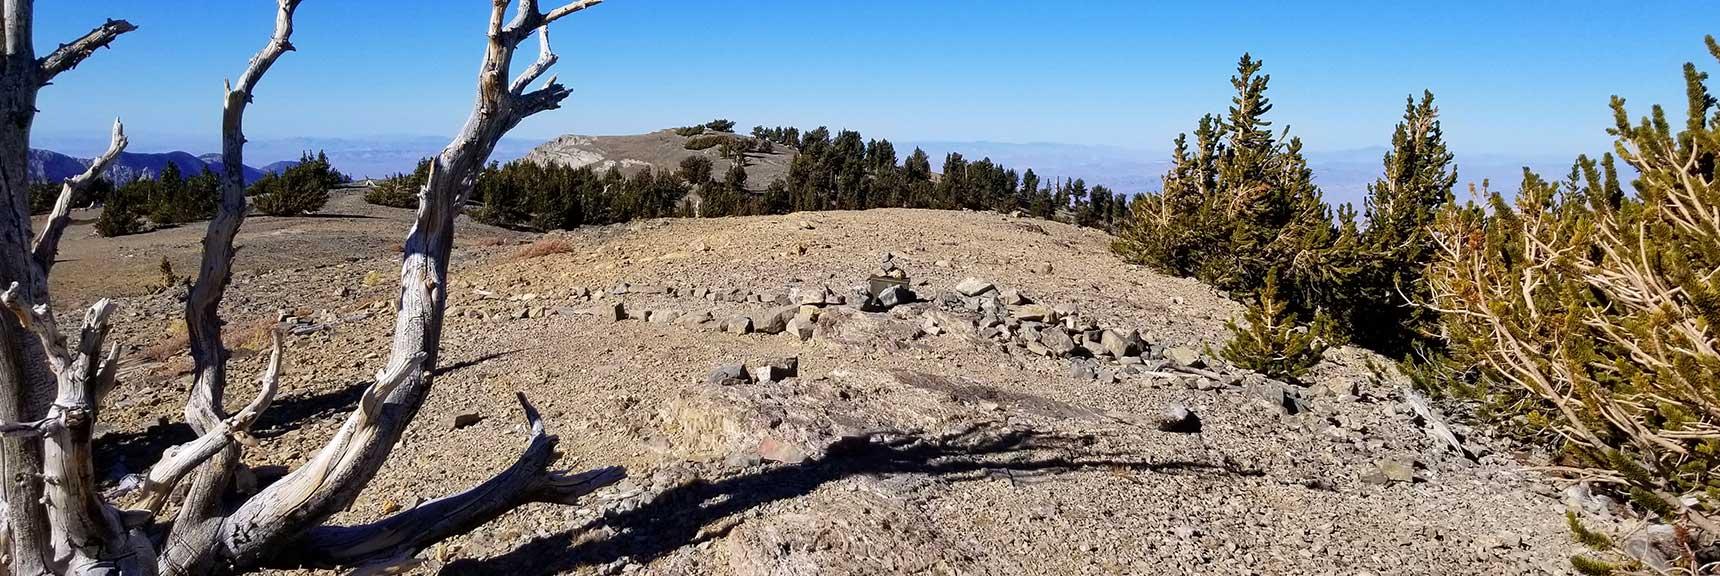 Looking Across Toward the NE Summit from the True Summit of Mummy Mountain, Nevada